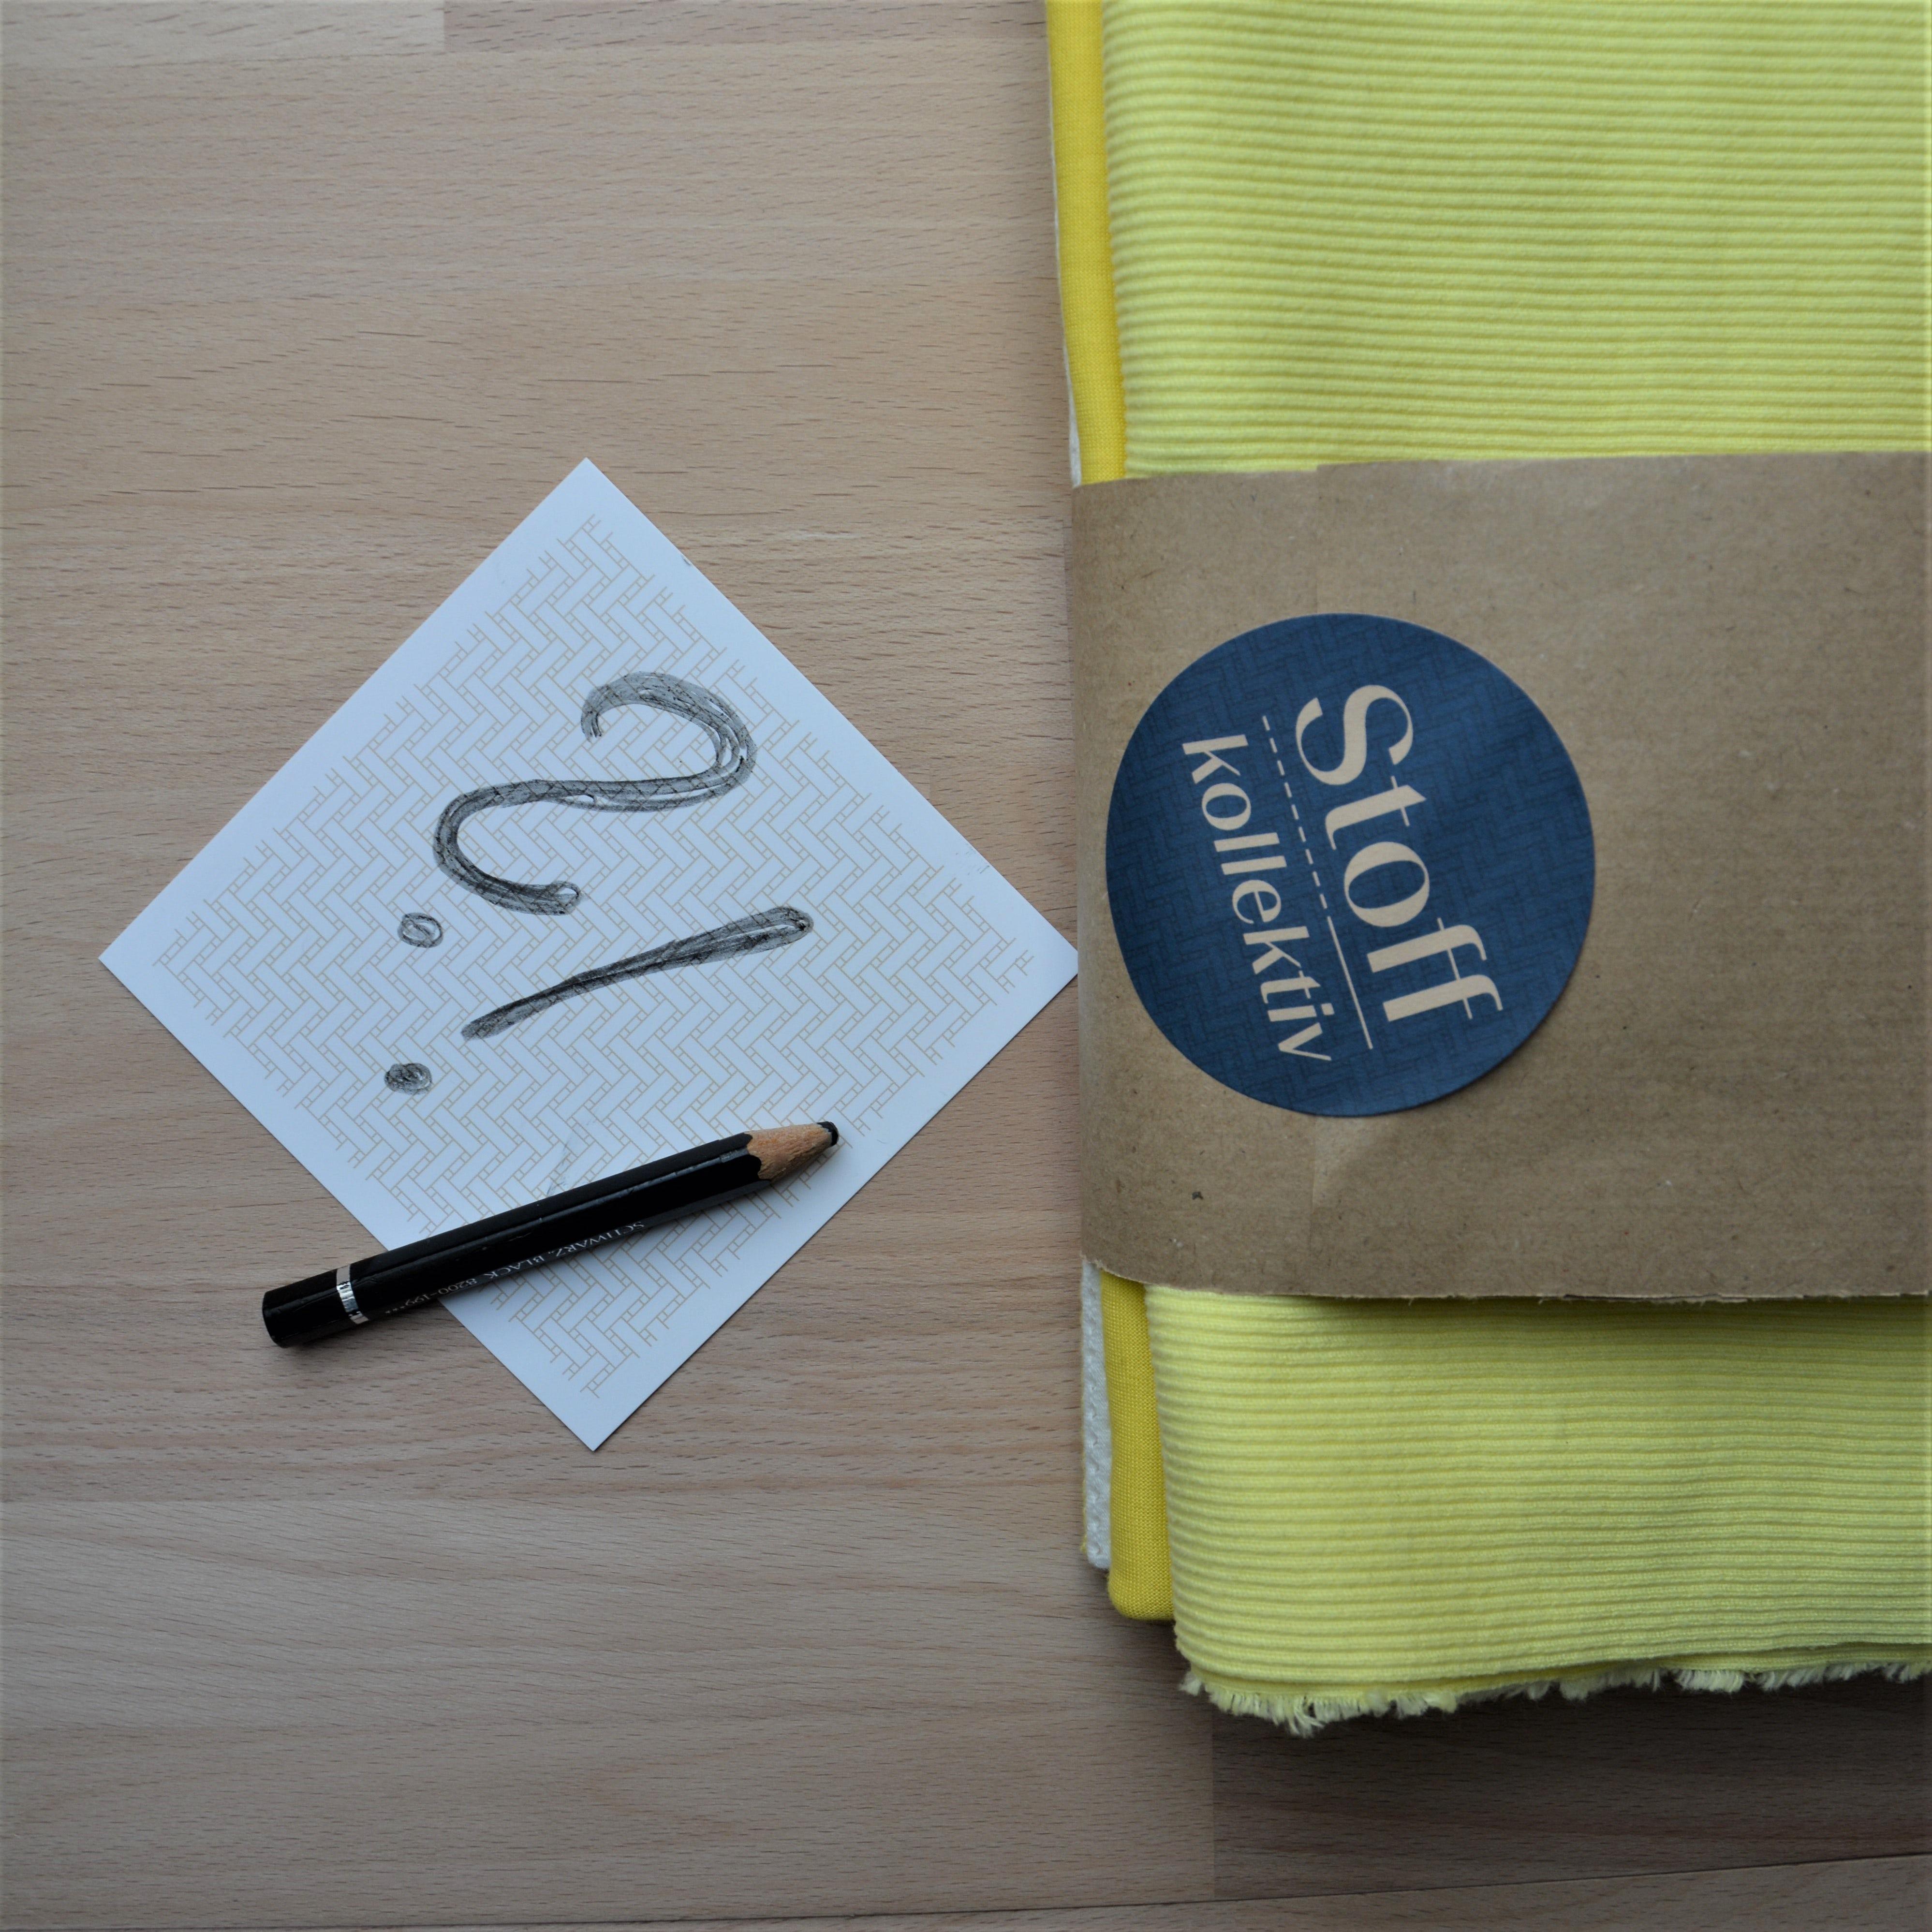 Stapel gelber Stoff eingepackt mit einem Streifen Packpapier mit Stoffkollektiv Sticker. Daneben ein Zettel mit Fragezeichen und Ausrufezeichen und Stift.